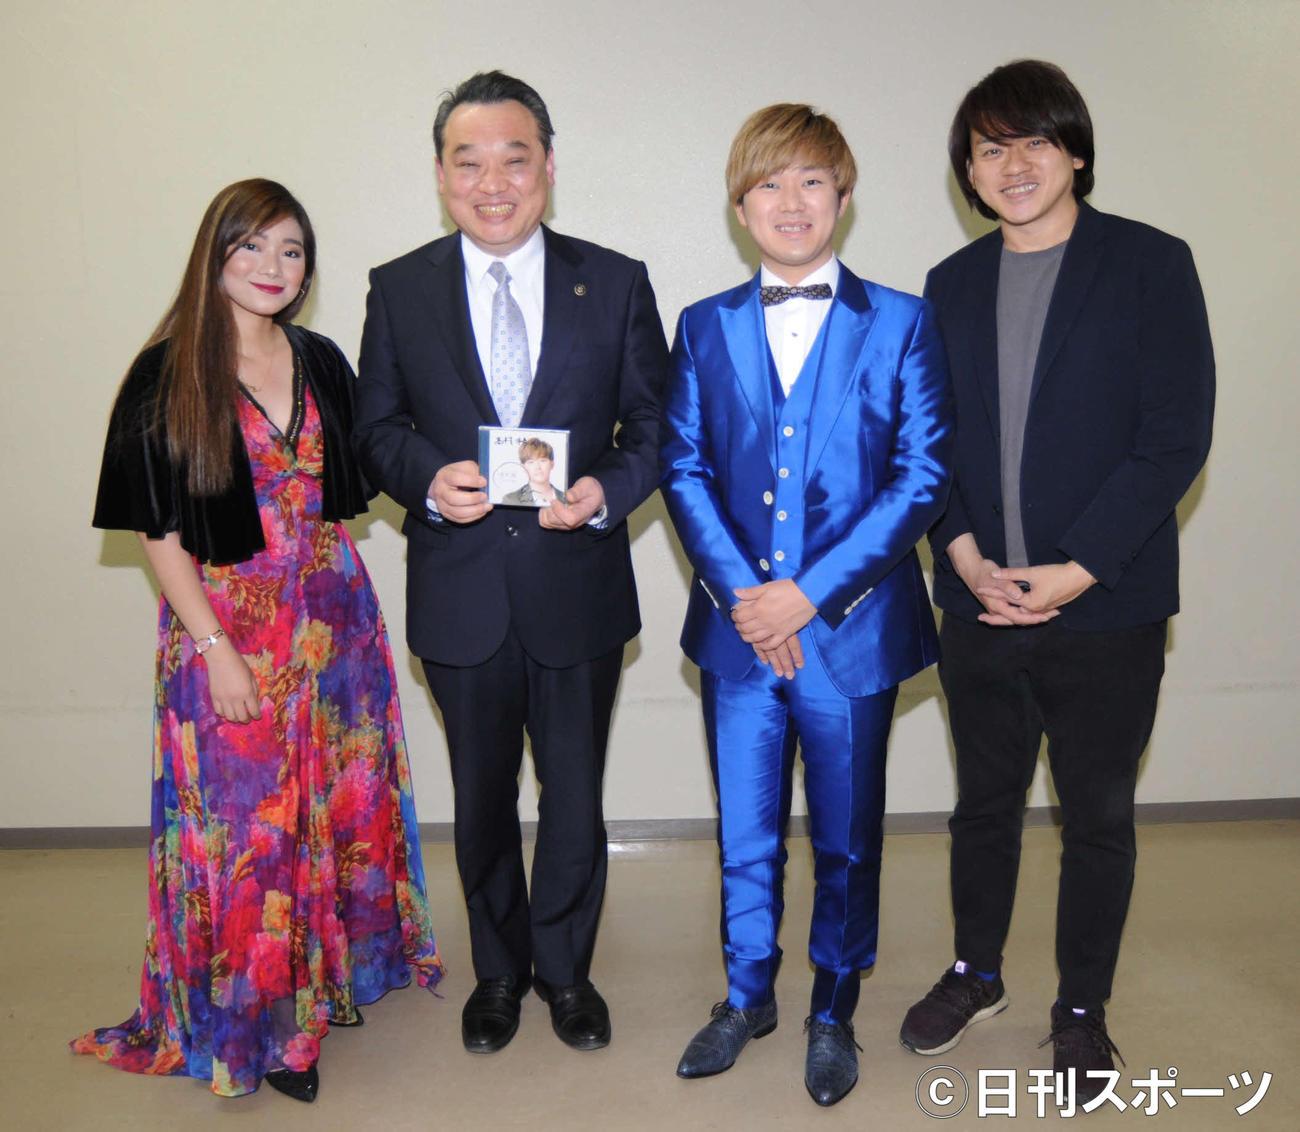 裾野市版「思い出の交差点」を発表した、左からカテリン、高村謙二裾野市長、太田克樹、近藤薫氏